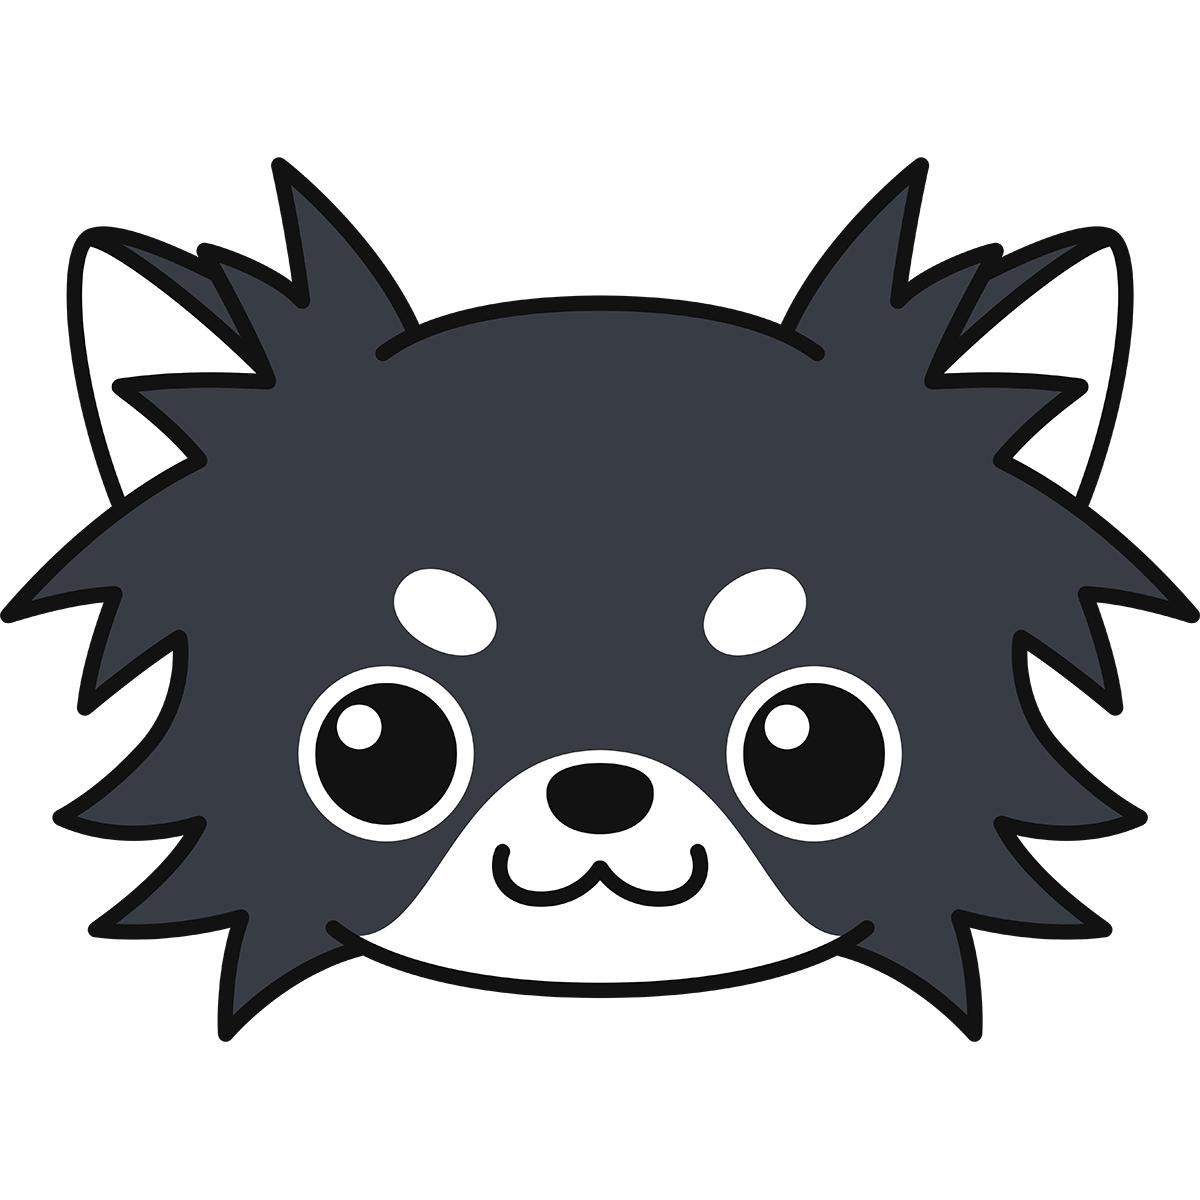 チワワの顔(黒)の無料イラスト